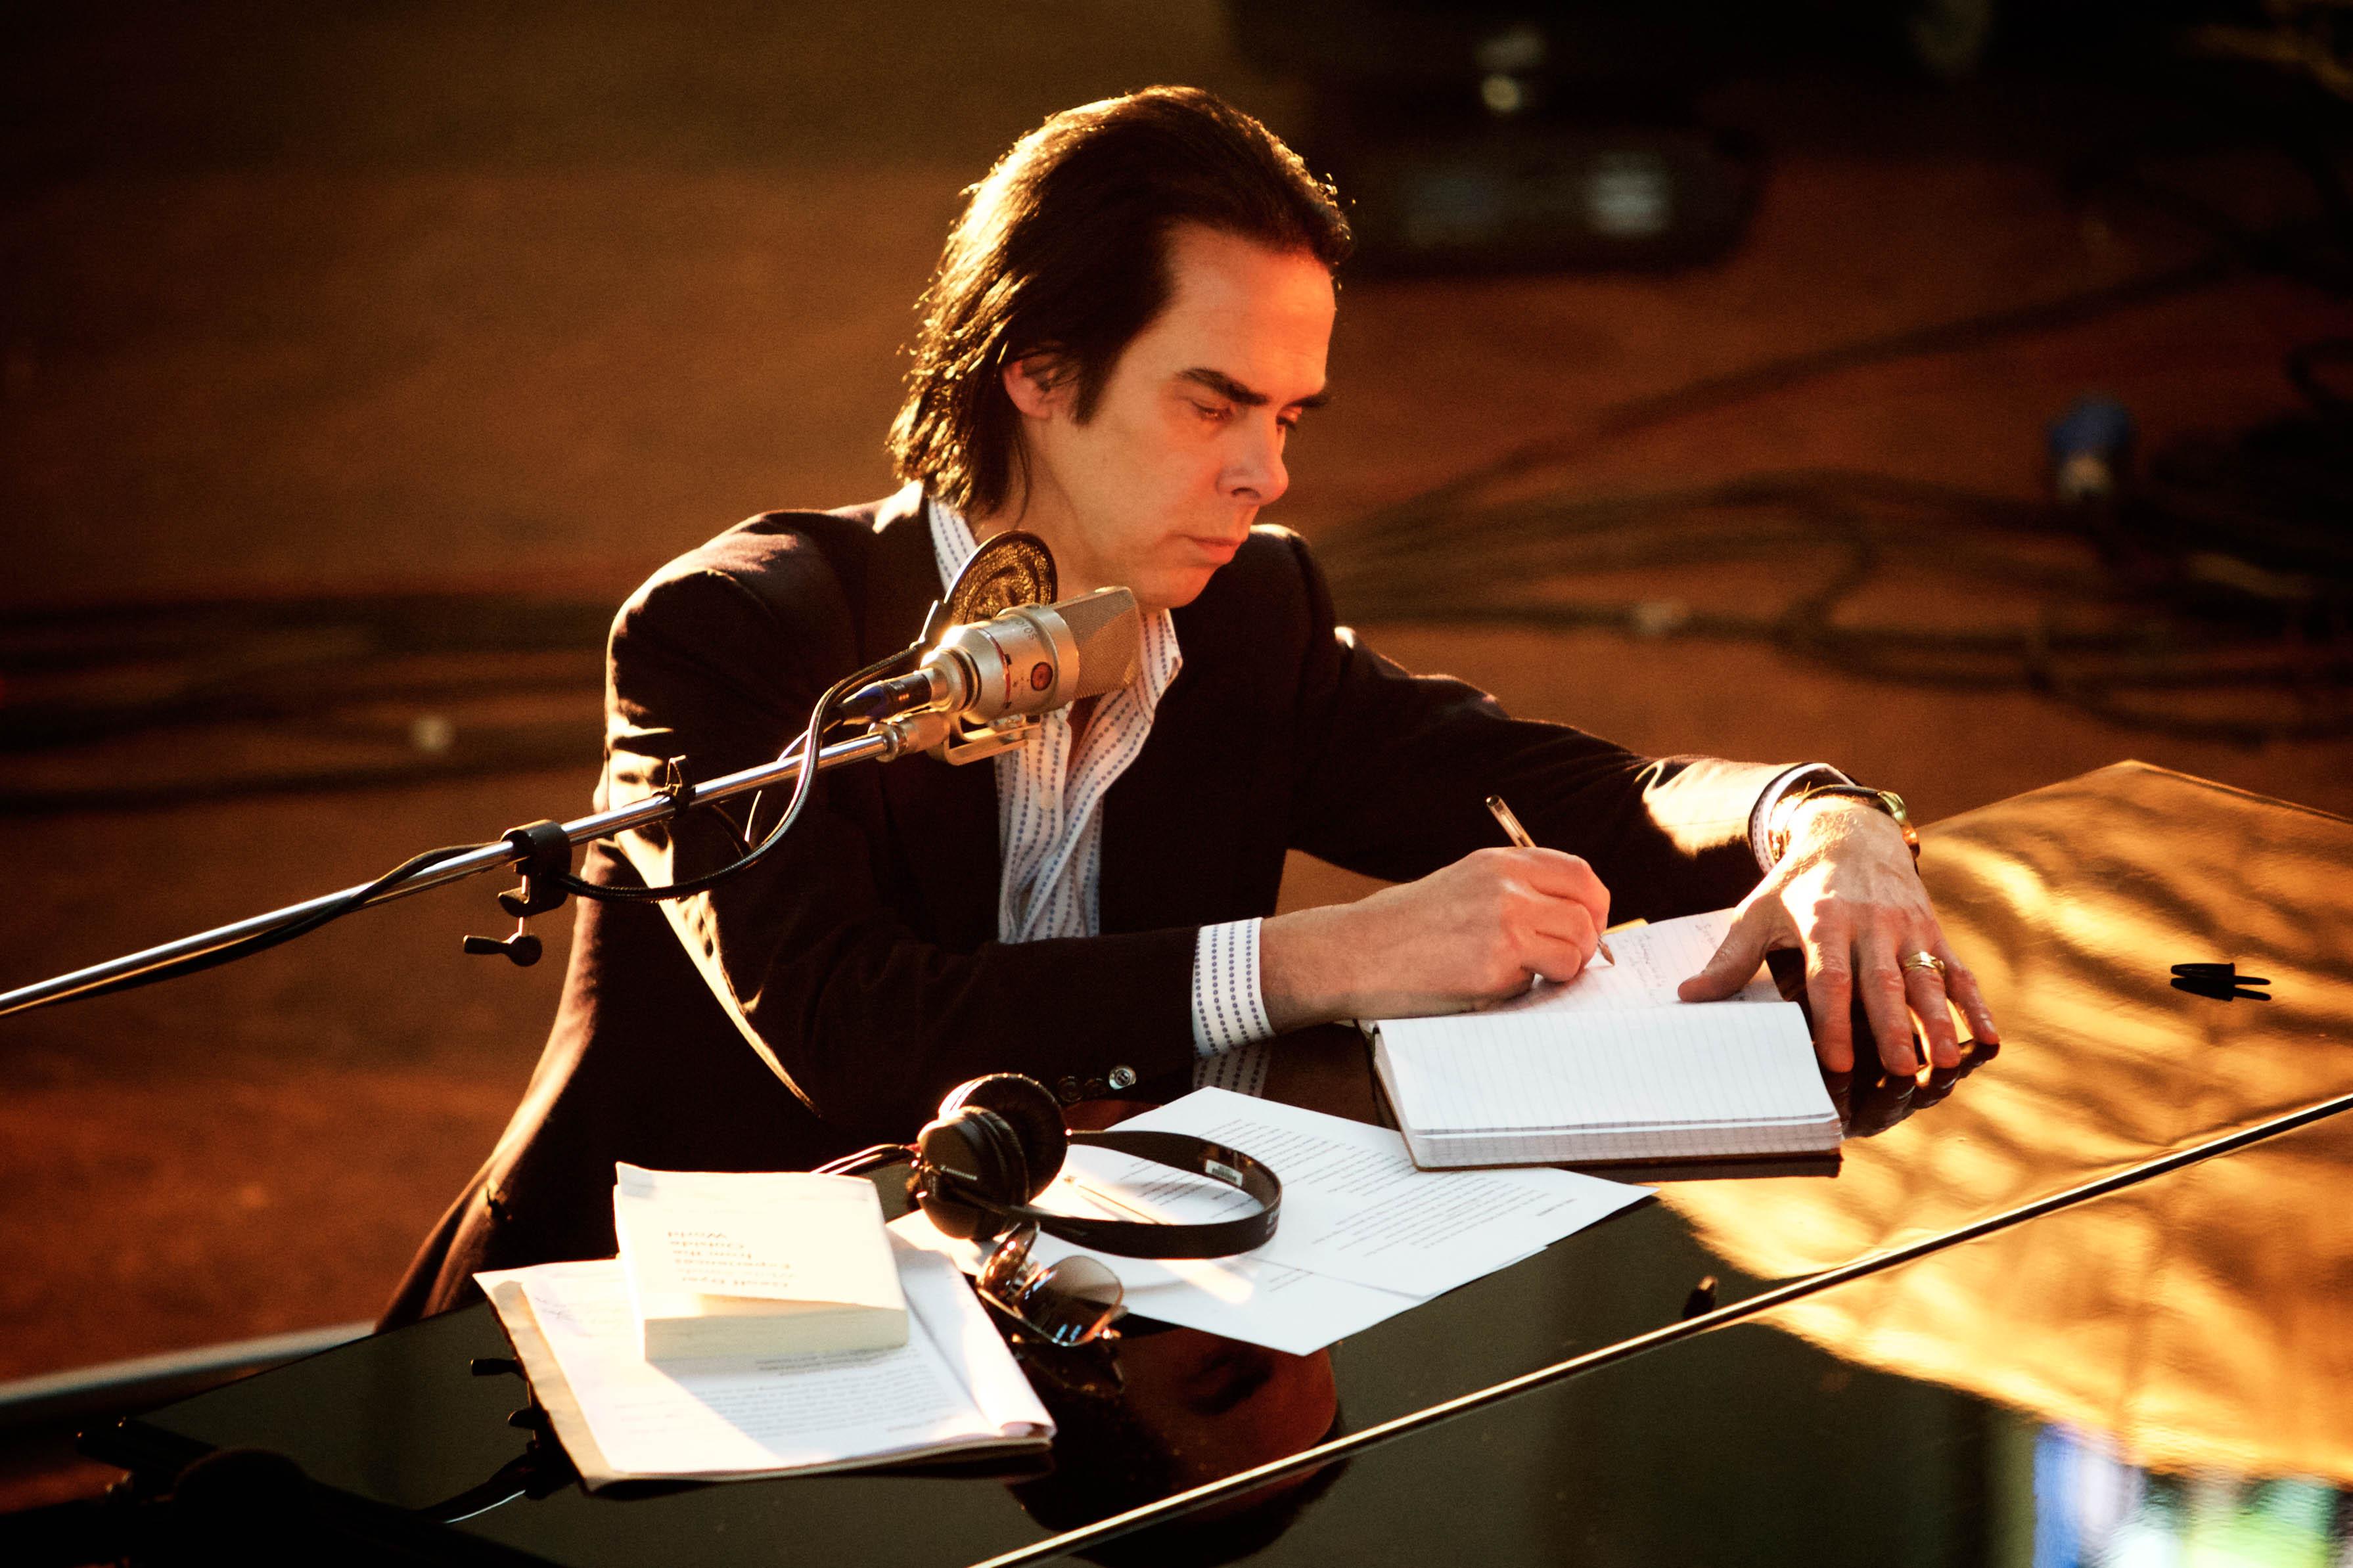 Nick Cave & The Bad Seeds veröffentlichen ihr 16. Album SKELETON TREE.